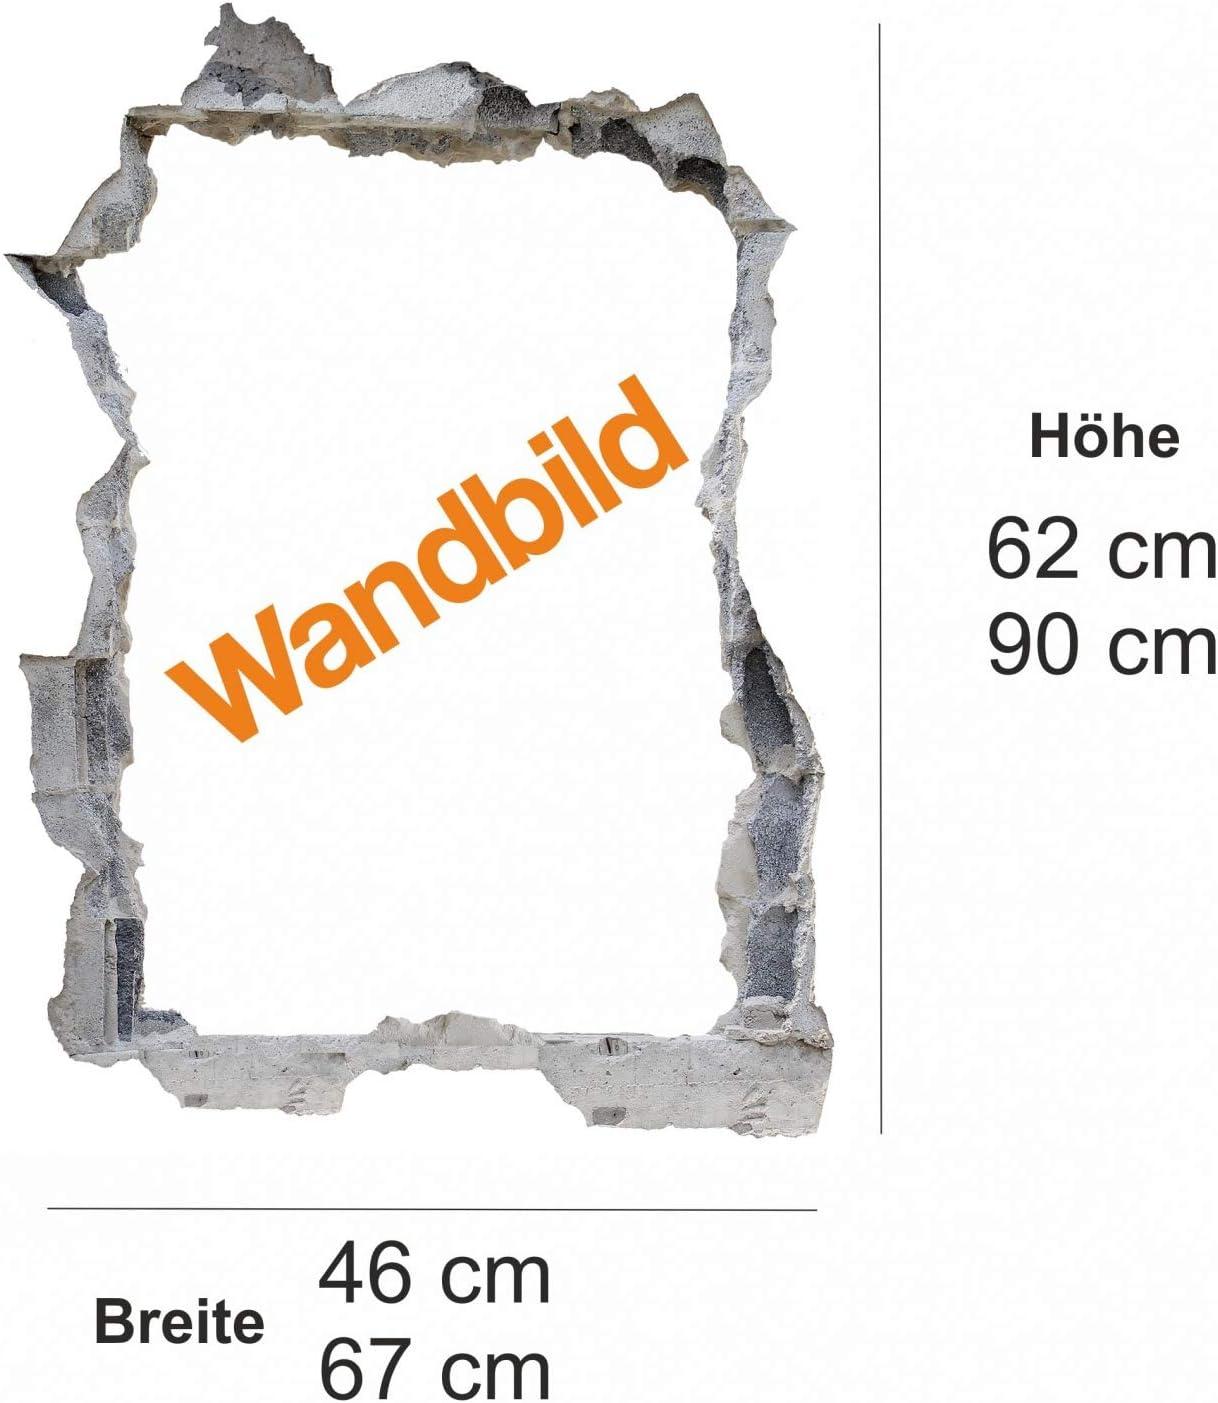 Rakete Shuttle Universum Wandtattoo Wandsticker Wandaufkleber E0234